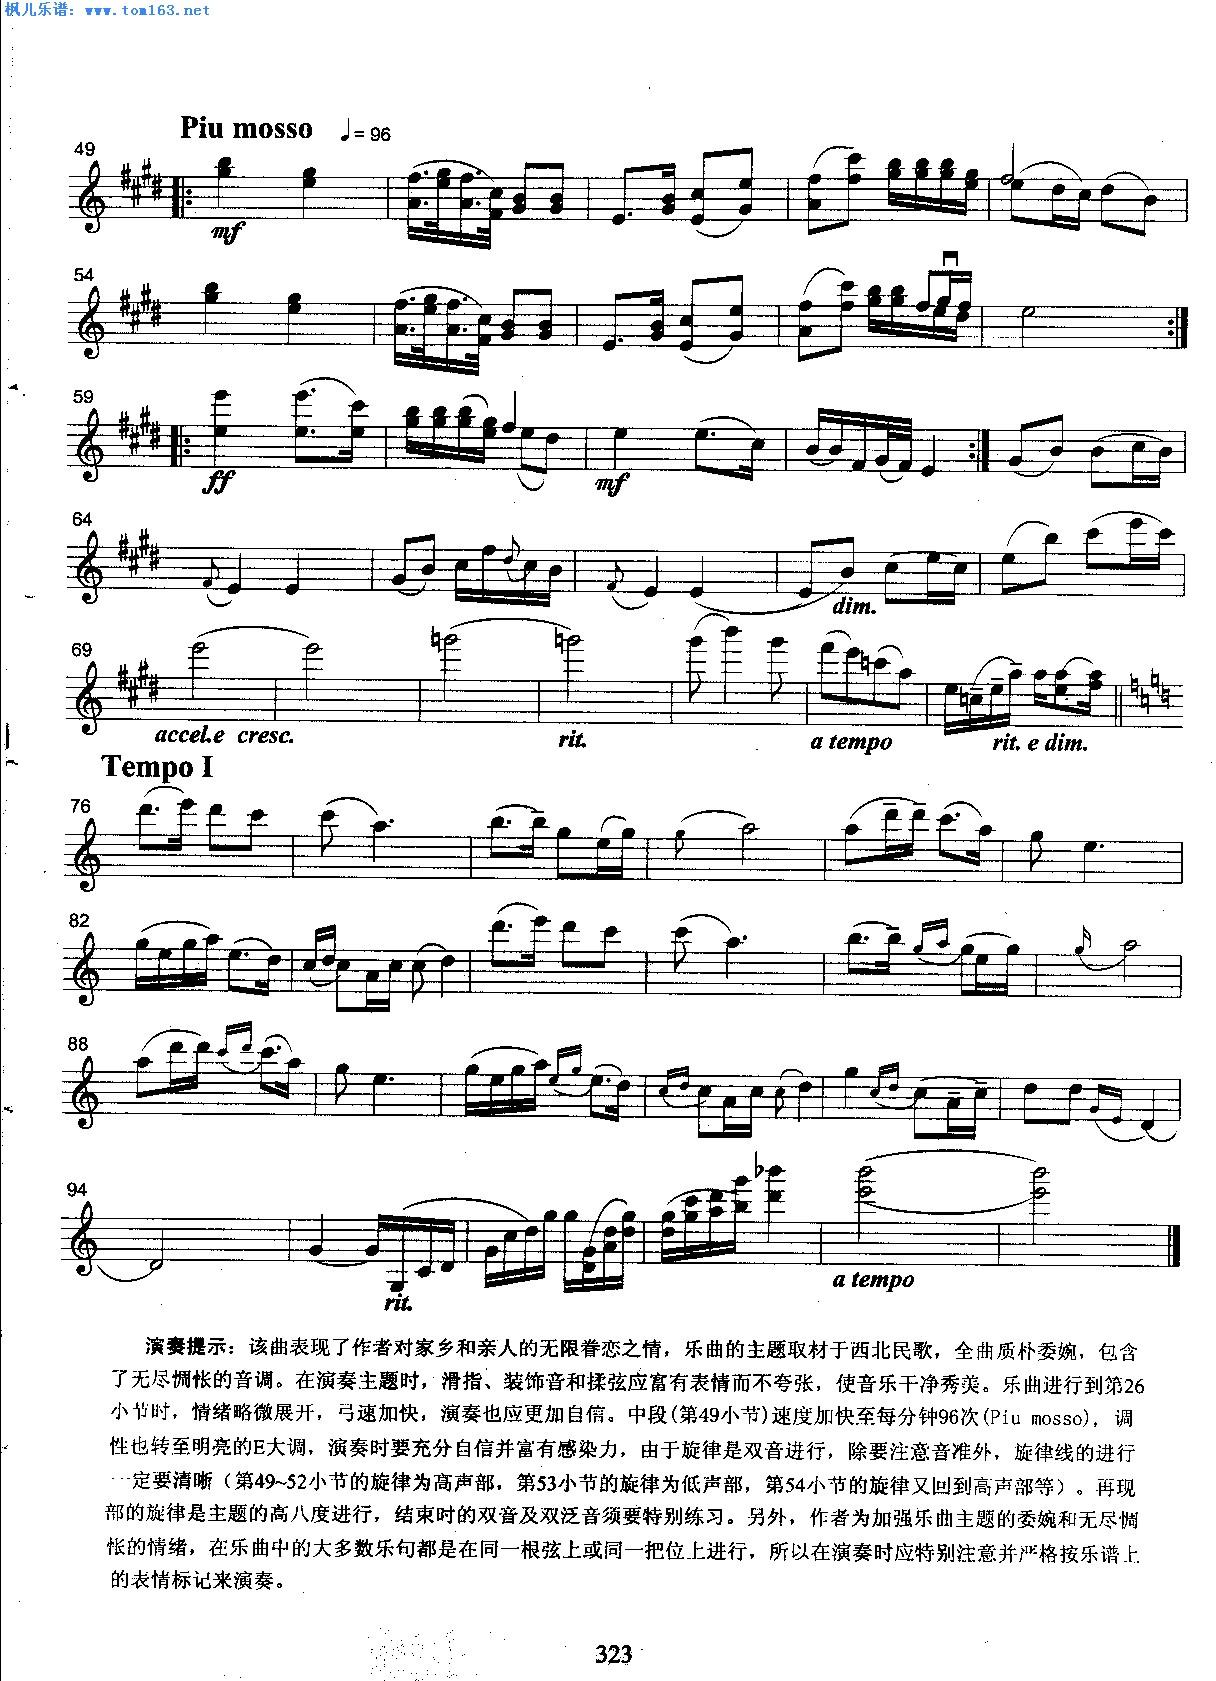 思乡曲 马思聪 小提琴谱